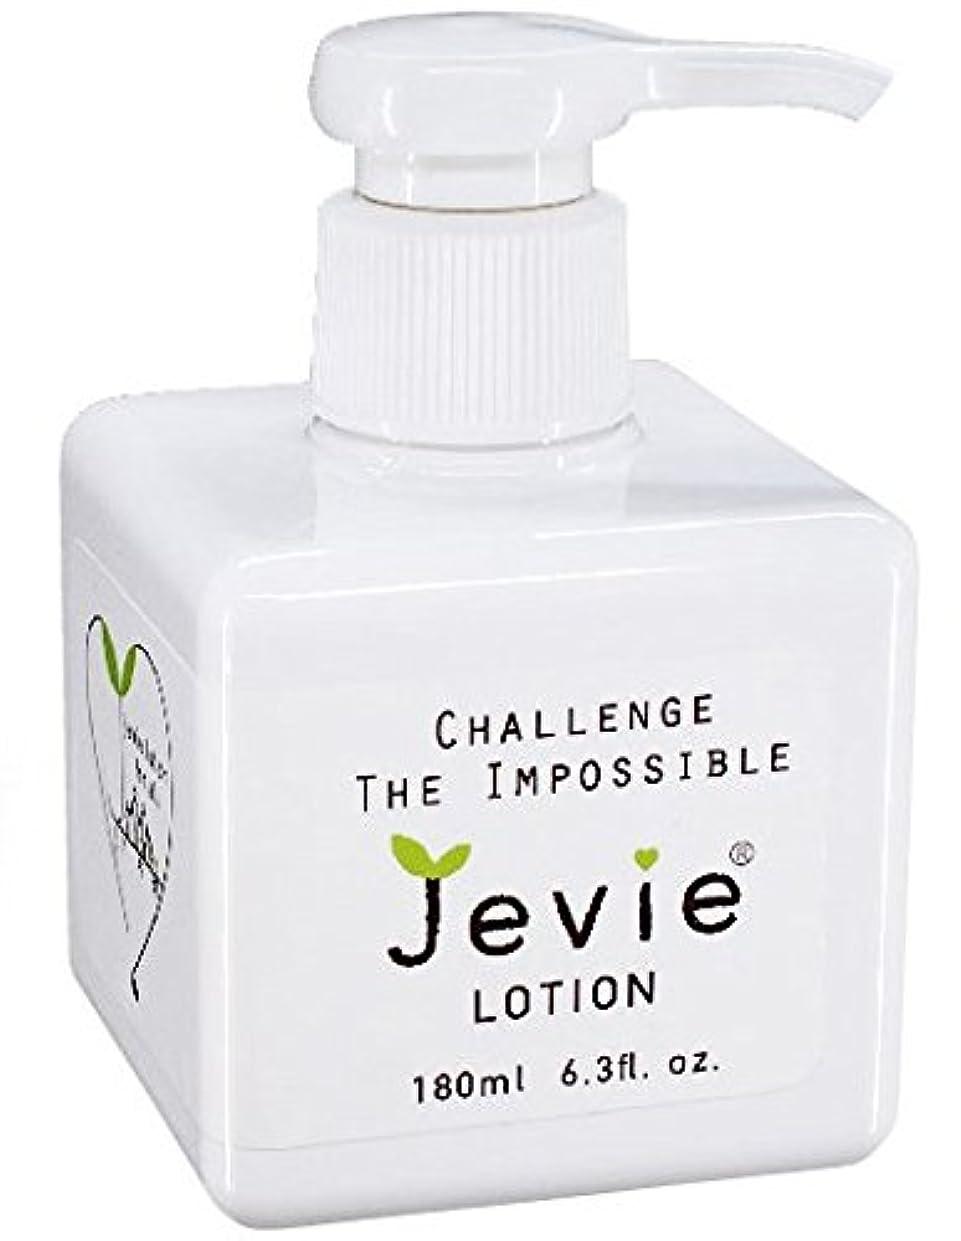 無謀バルセロナファックスジェヴィローション(Jevie Lotion)